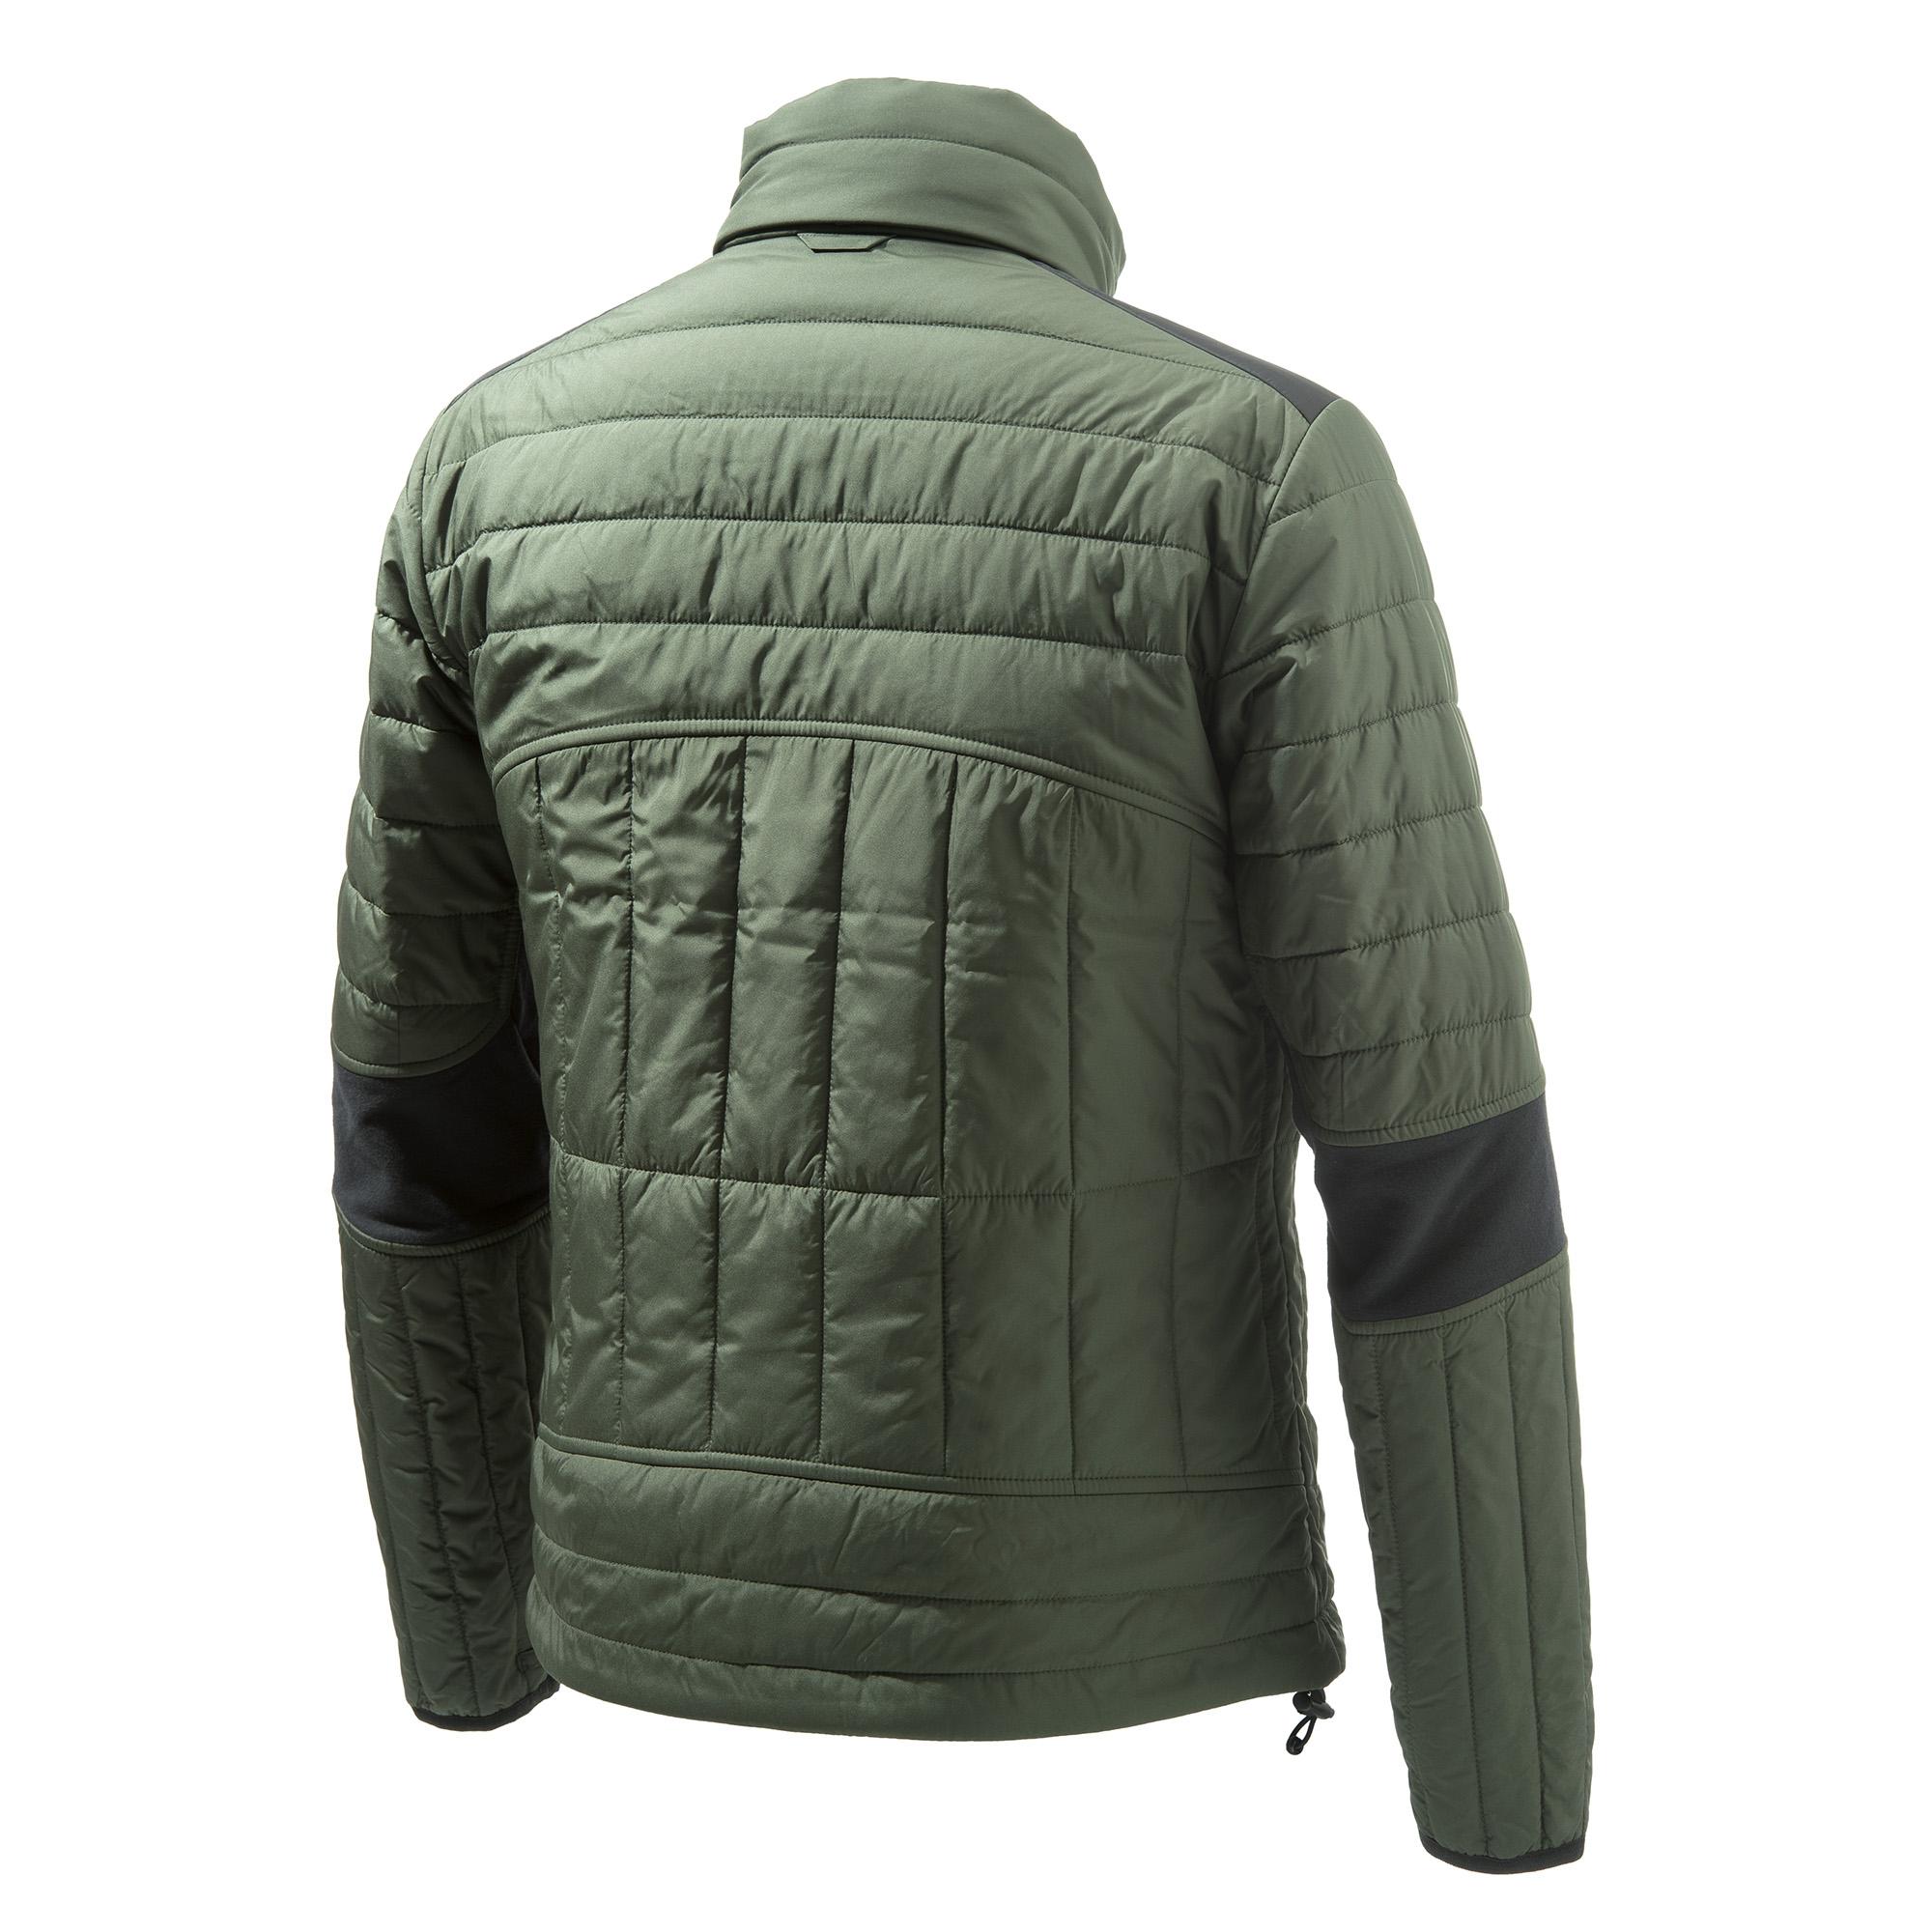 78cb4fa701 Abbigliamento : Beretta - Giacca Fusion BIS - Primaloft - Armeria ...